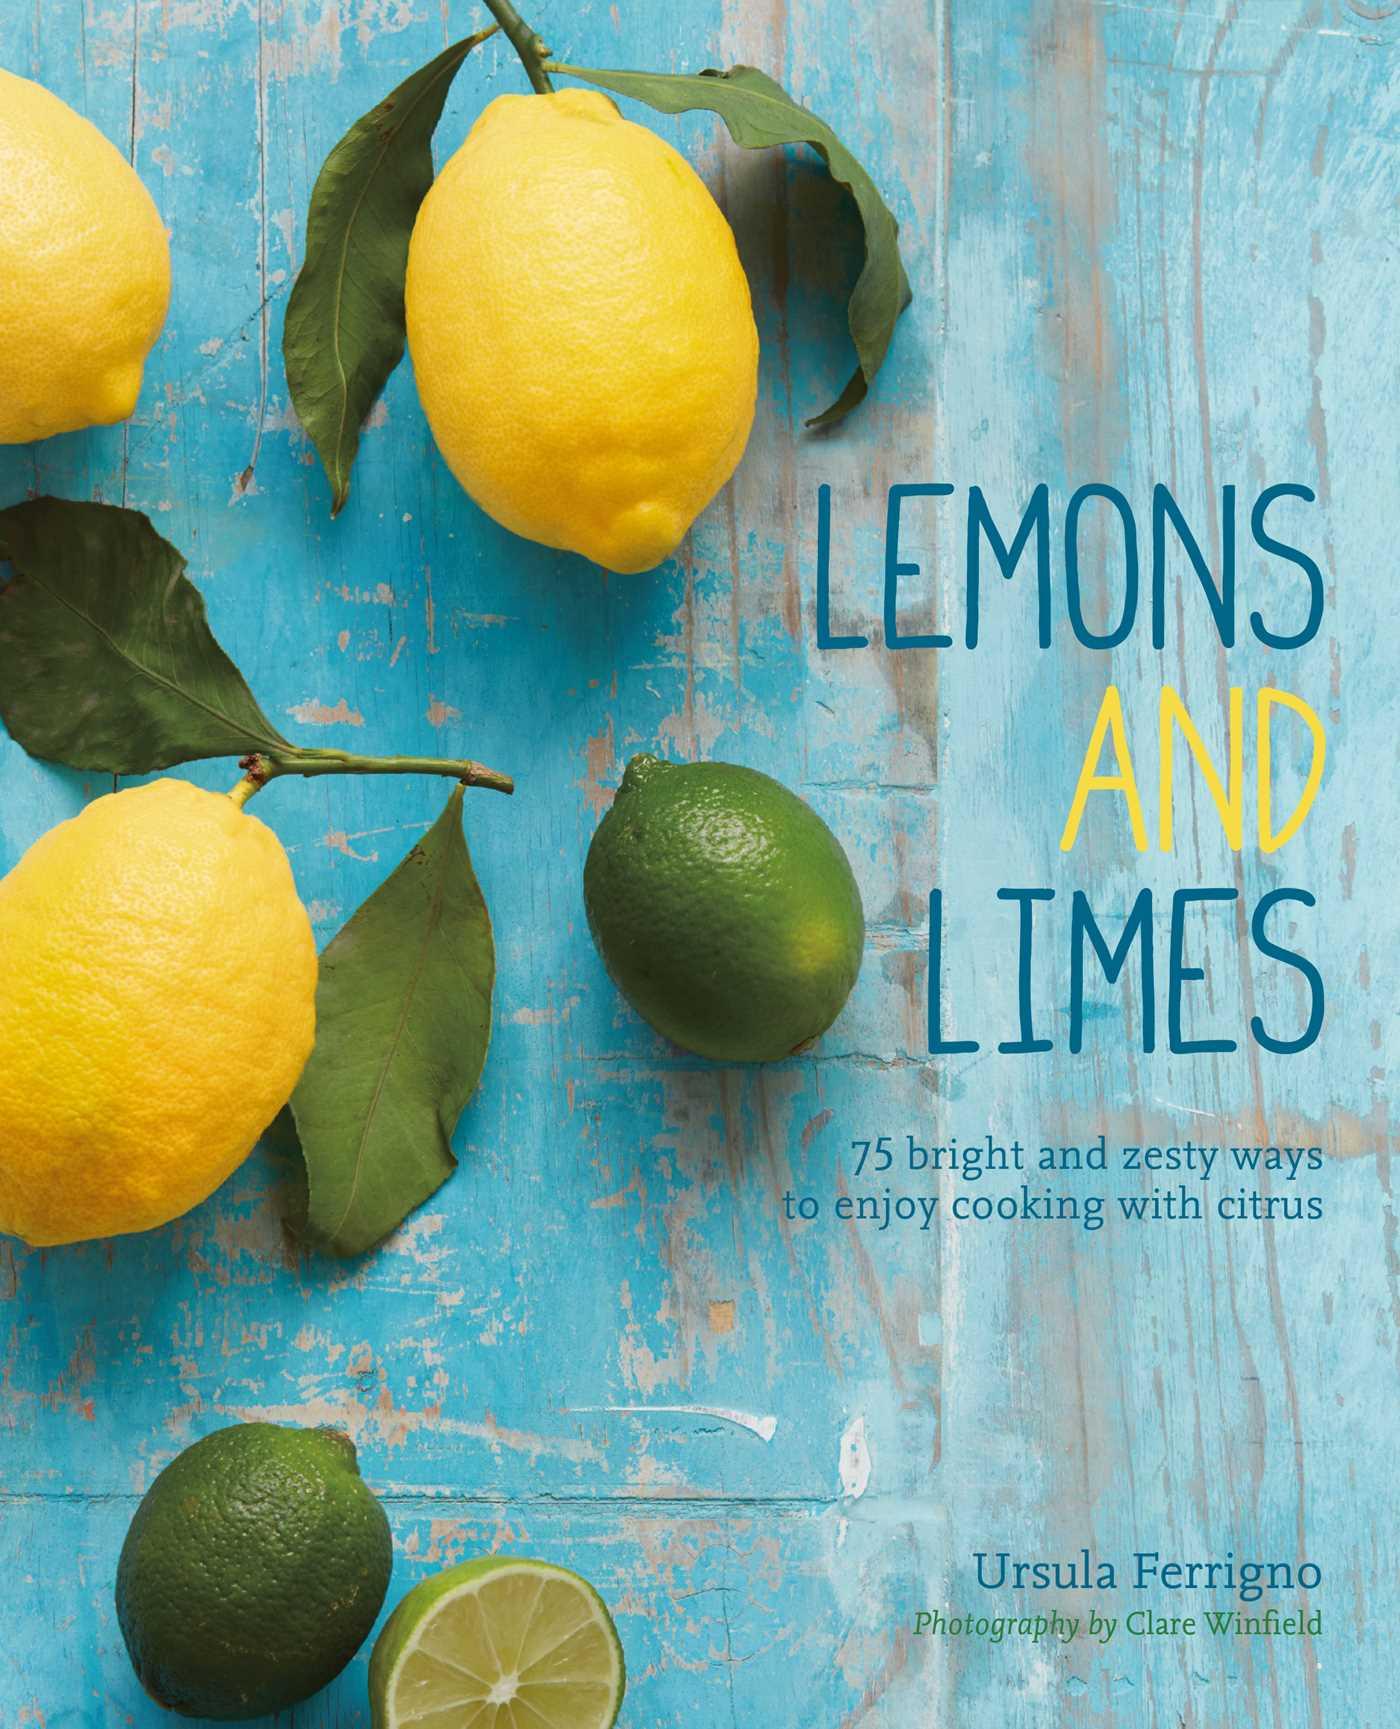 Lemons and limes 9781849758062 hr